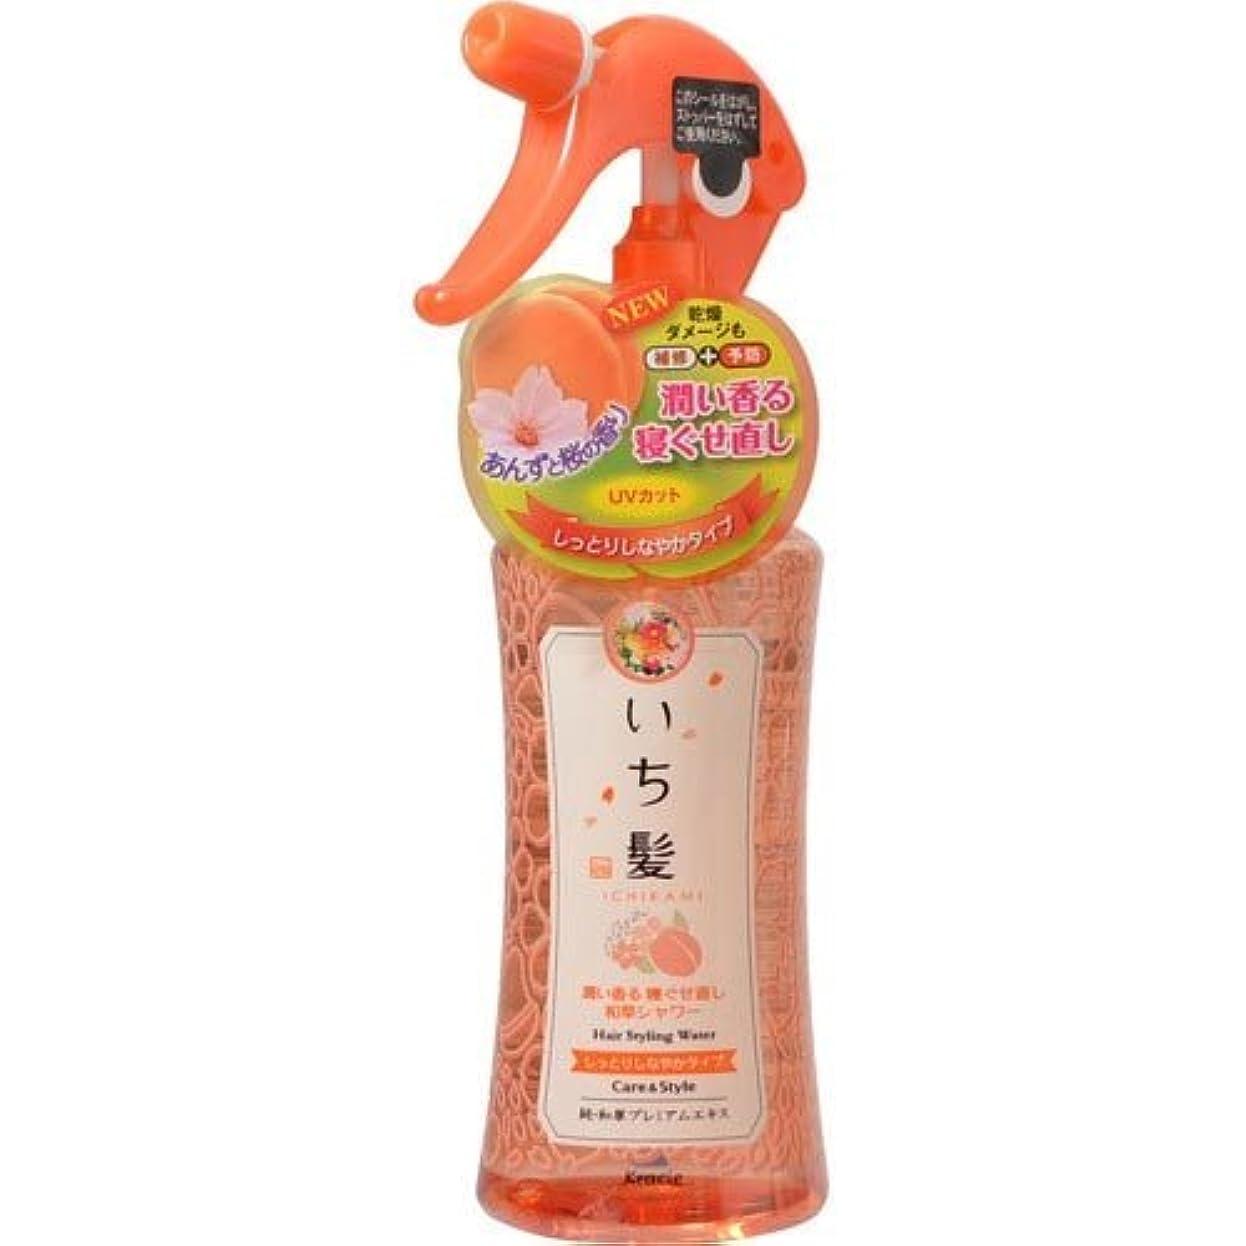 ラショナル弾力性のある一見いち髪 潤い香る寝ぐせ直し和草シャワー しっとりしなやかタイプ 250mL